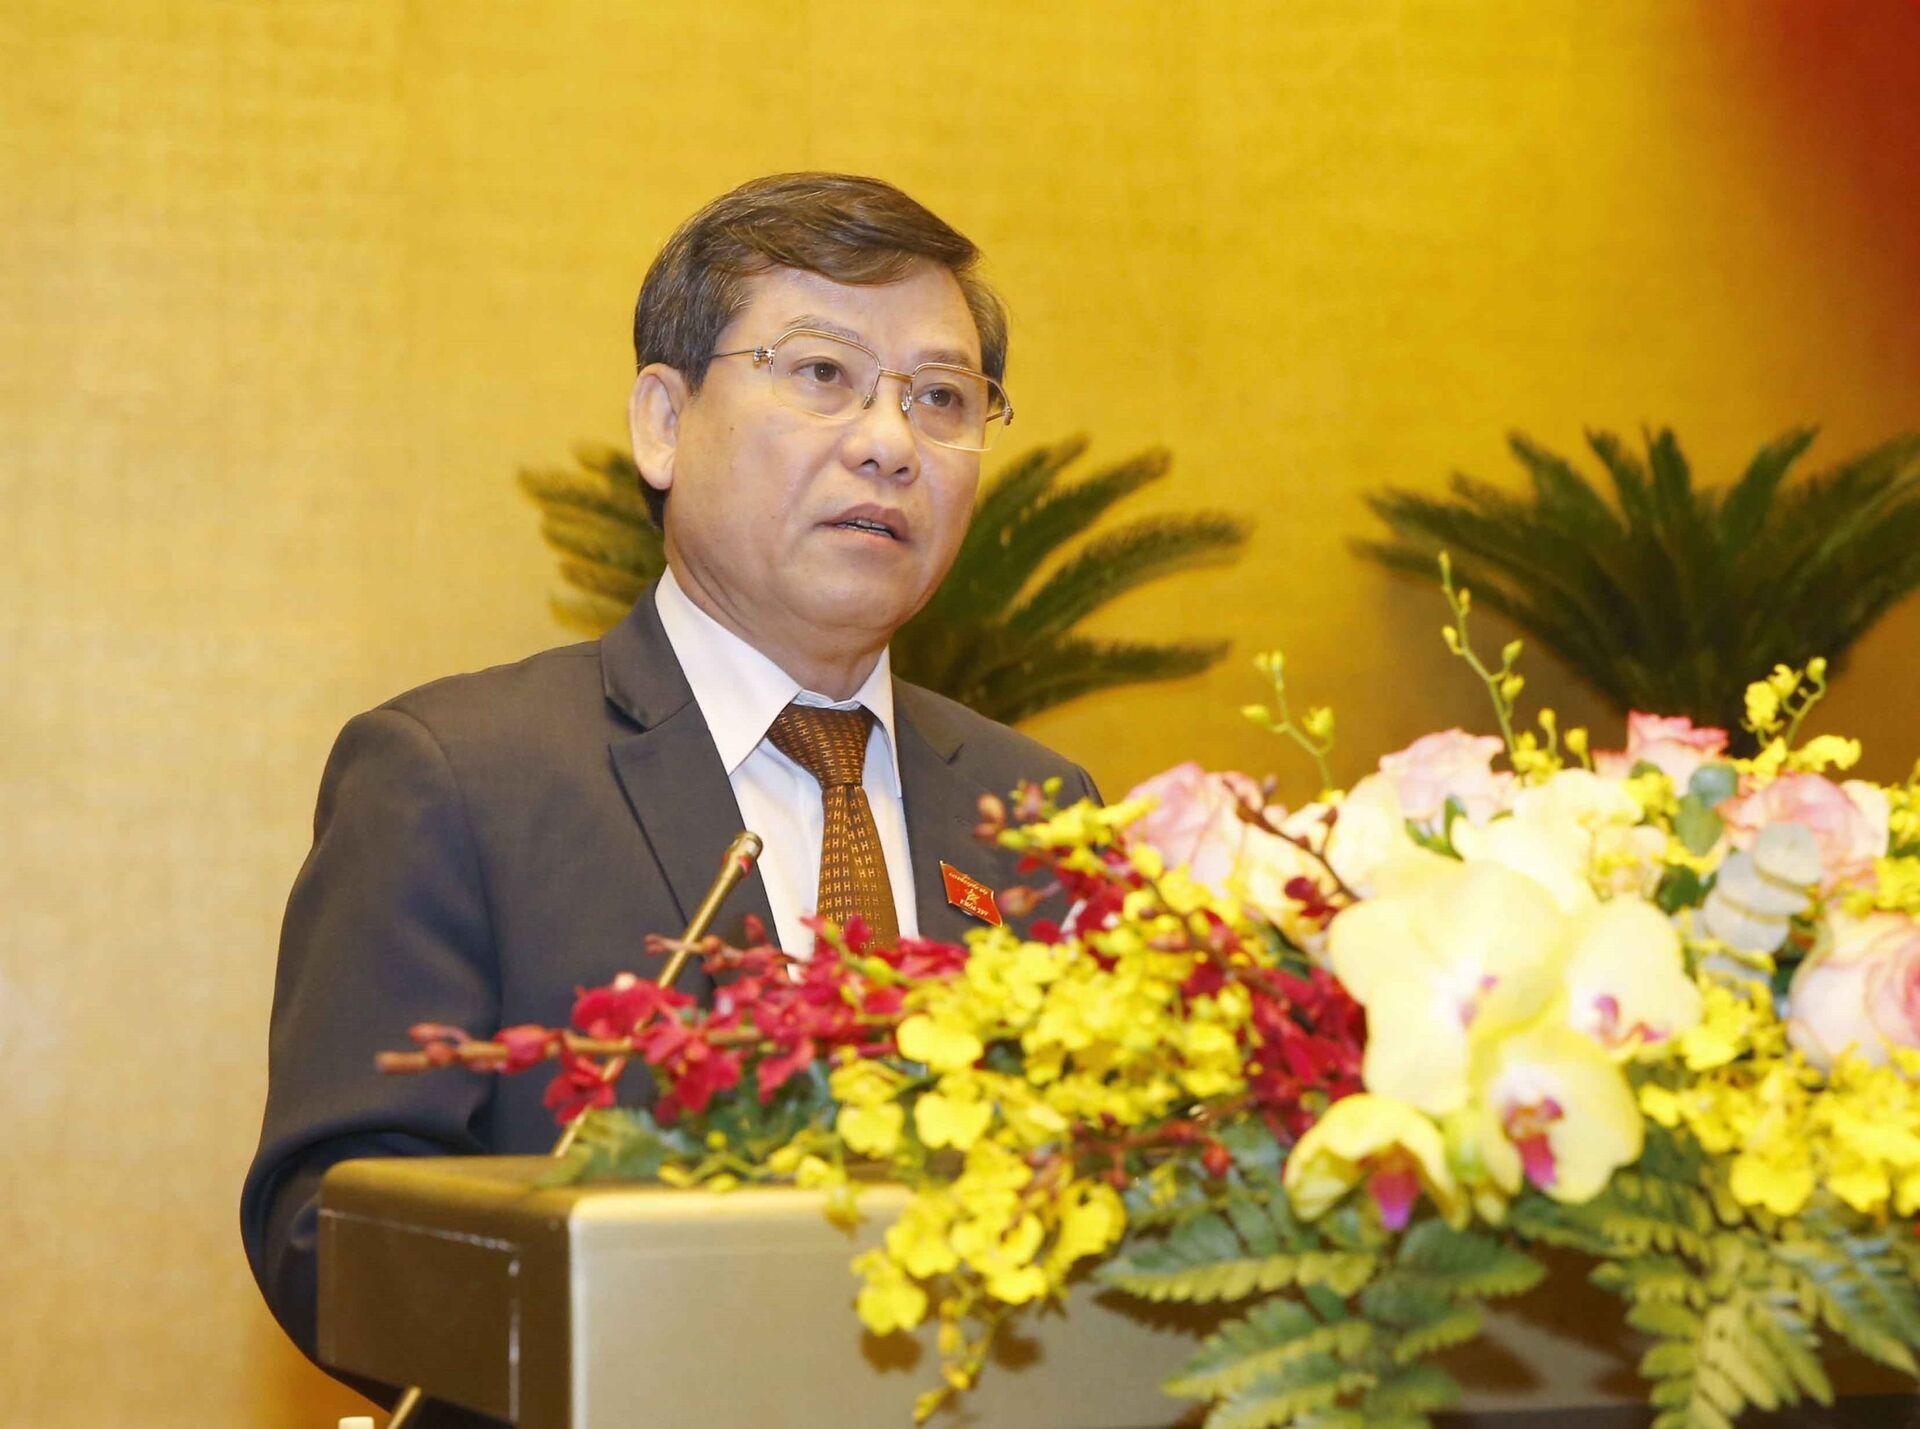 Viện kiểm sát xử lý tội phạm công nghệ cao trong nhiệm kỳ 5 năm như thế nào? - Sputnik Việt Nam, 1920, 25.03.2021